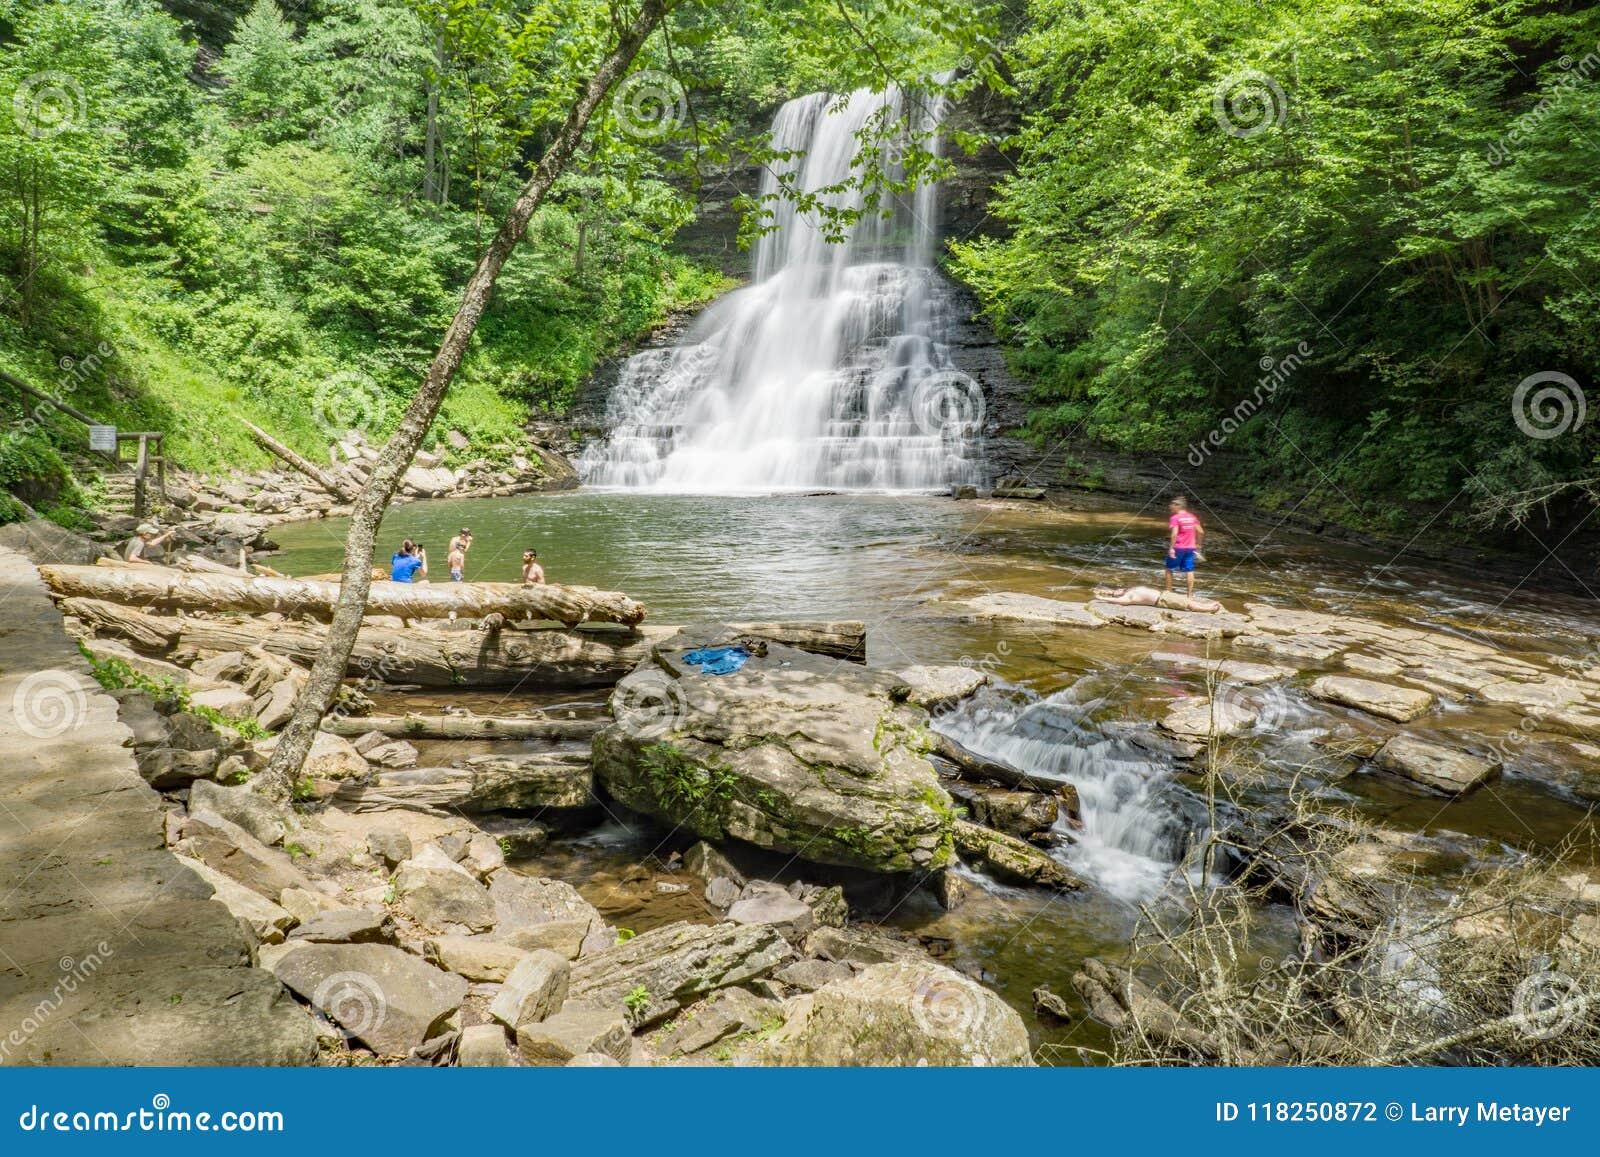 Famílias que apreciam as quedas das cascatas, Giles County, Virgínia, EUA